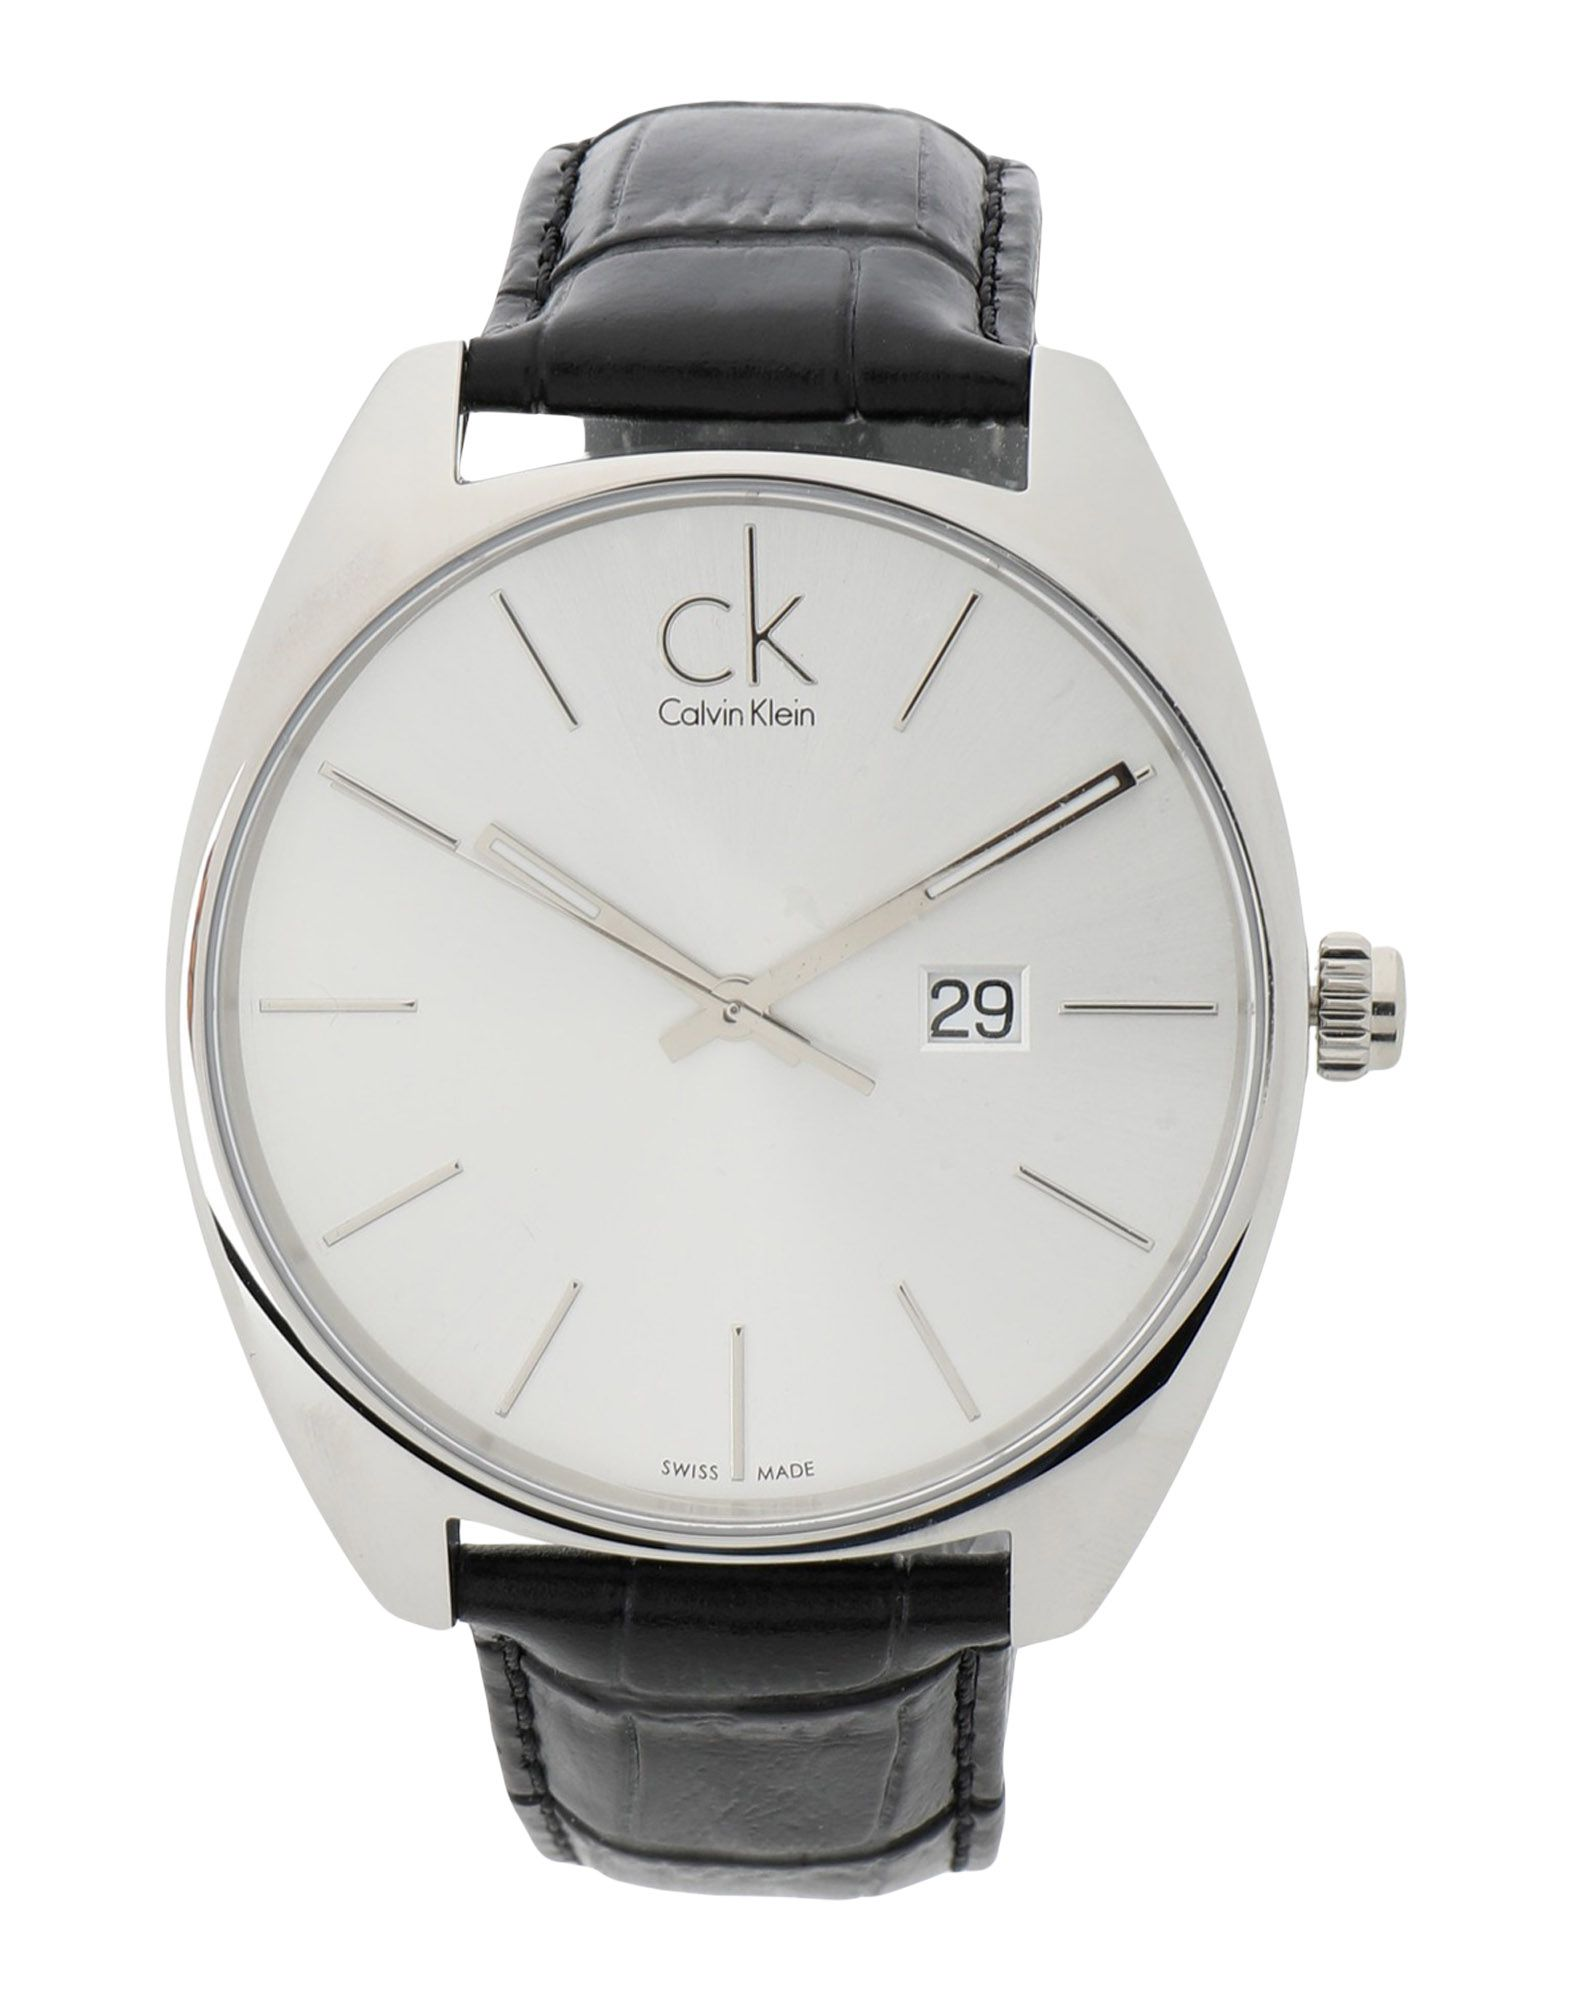 CK CALVIN KLEIN Наручные часы